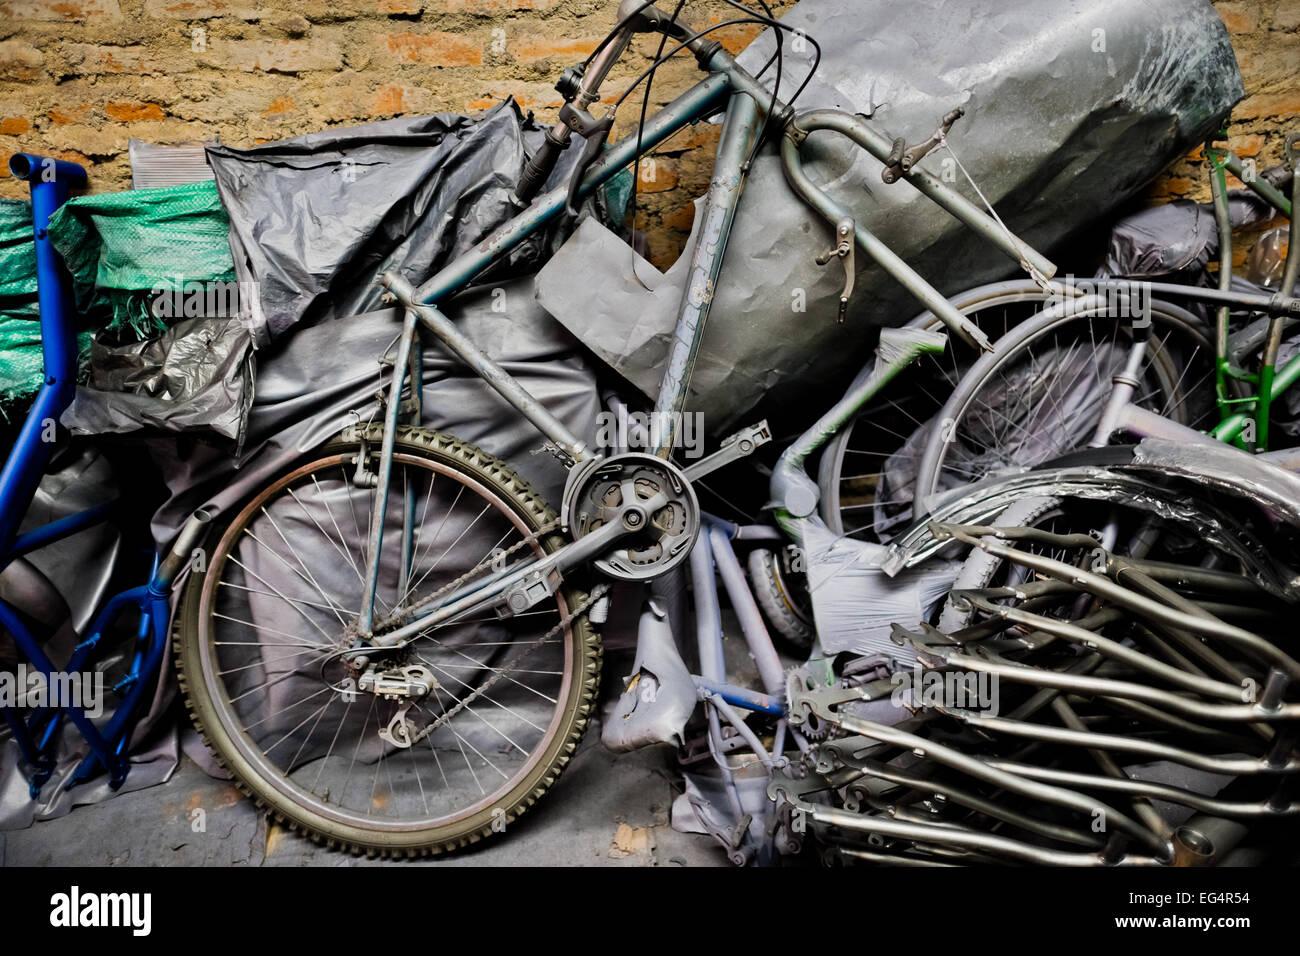 Ein gebrochene altes Fahrrad, zusammen mit Fahrradrahmen, sieht sich ...